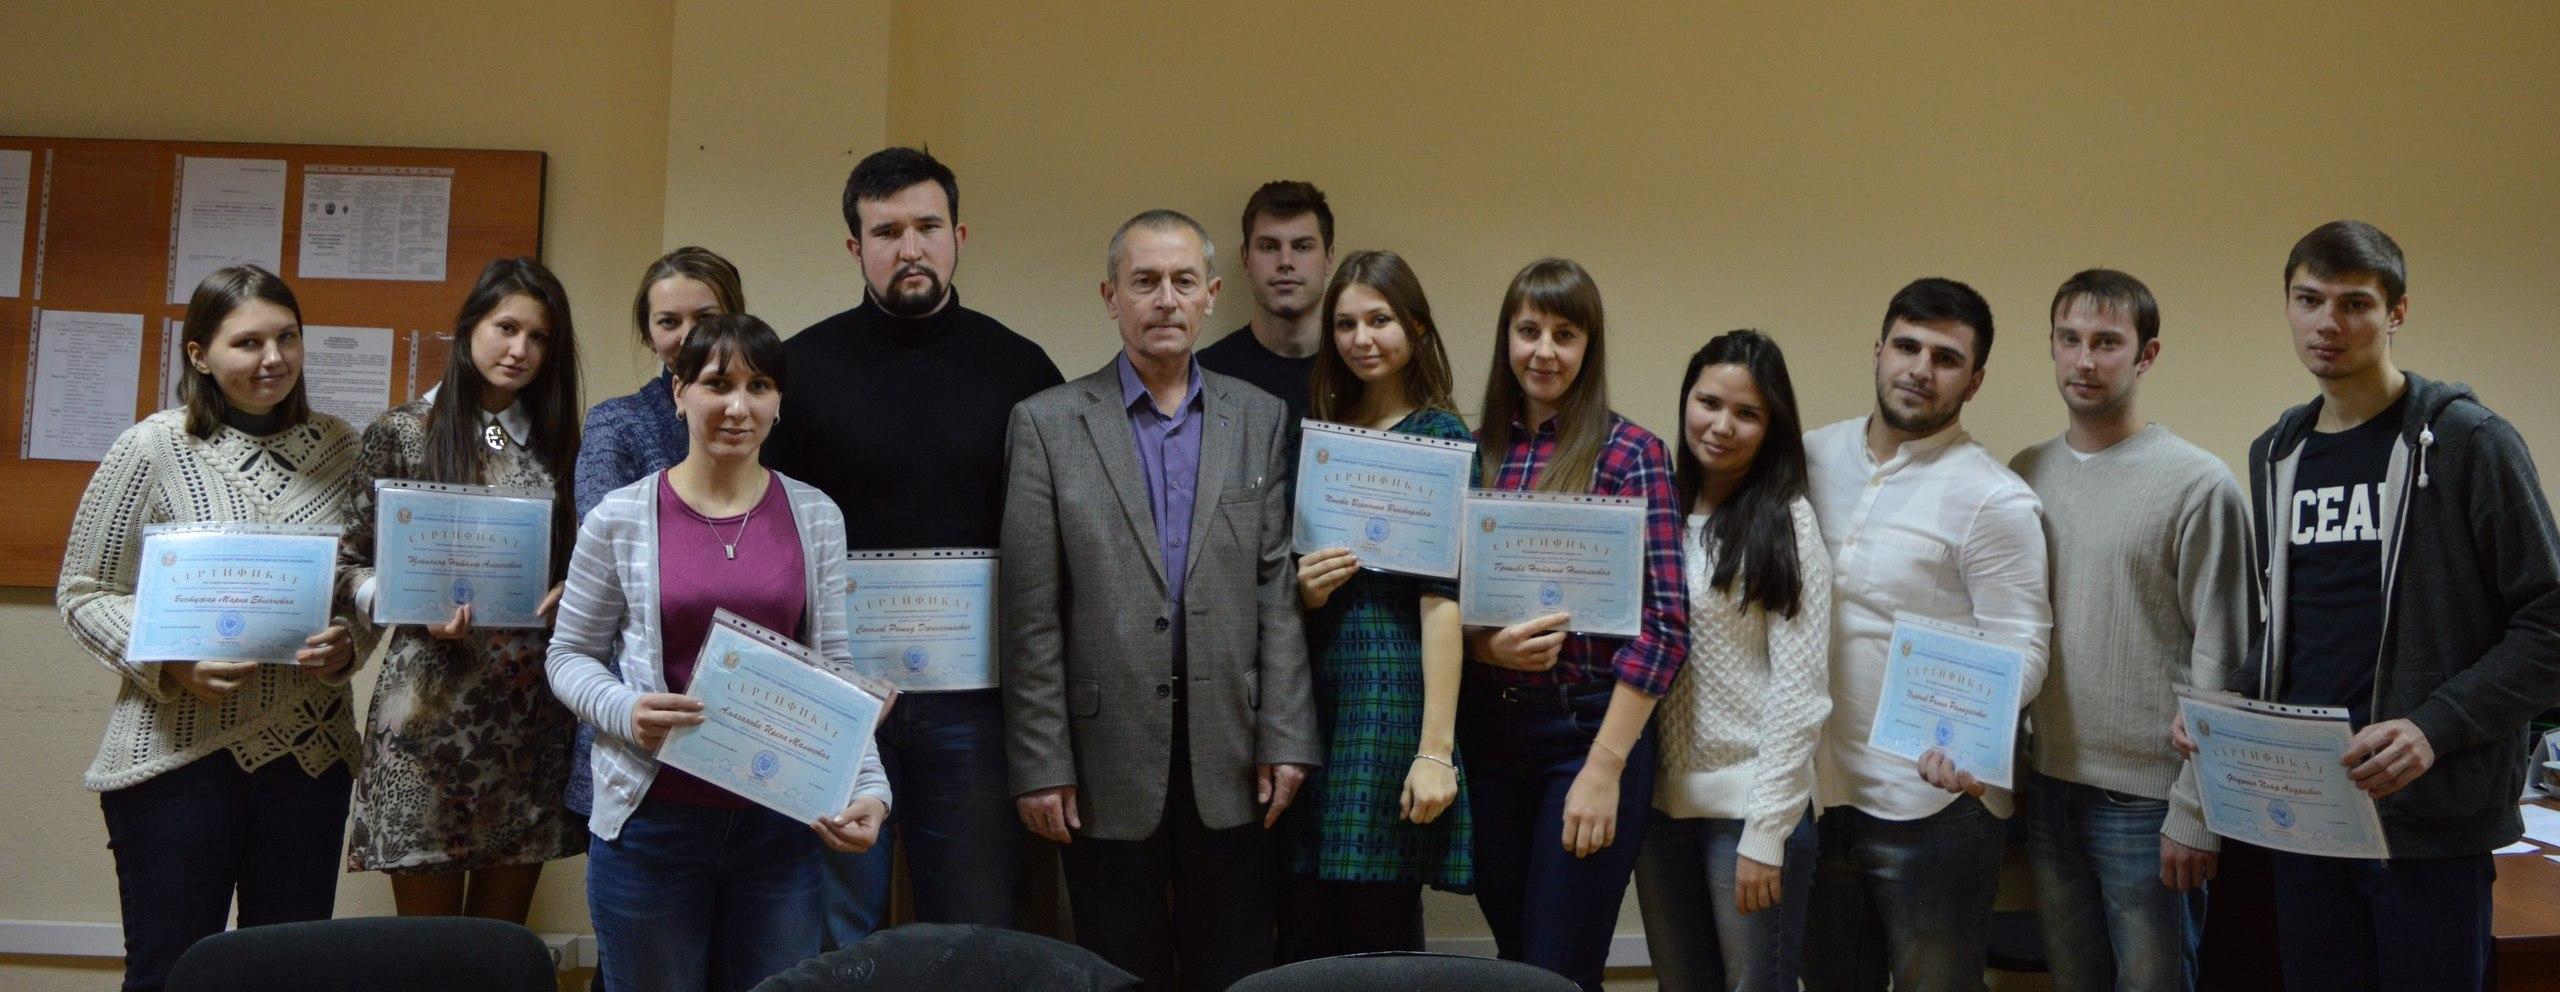 В Институте магистратуры состоялся круглый стол на тему «Позитивный опыт нормотворчества зарубежных стран в сфере уголовного права»